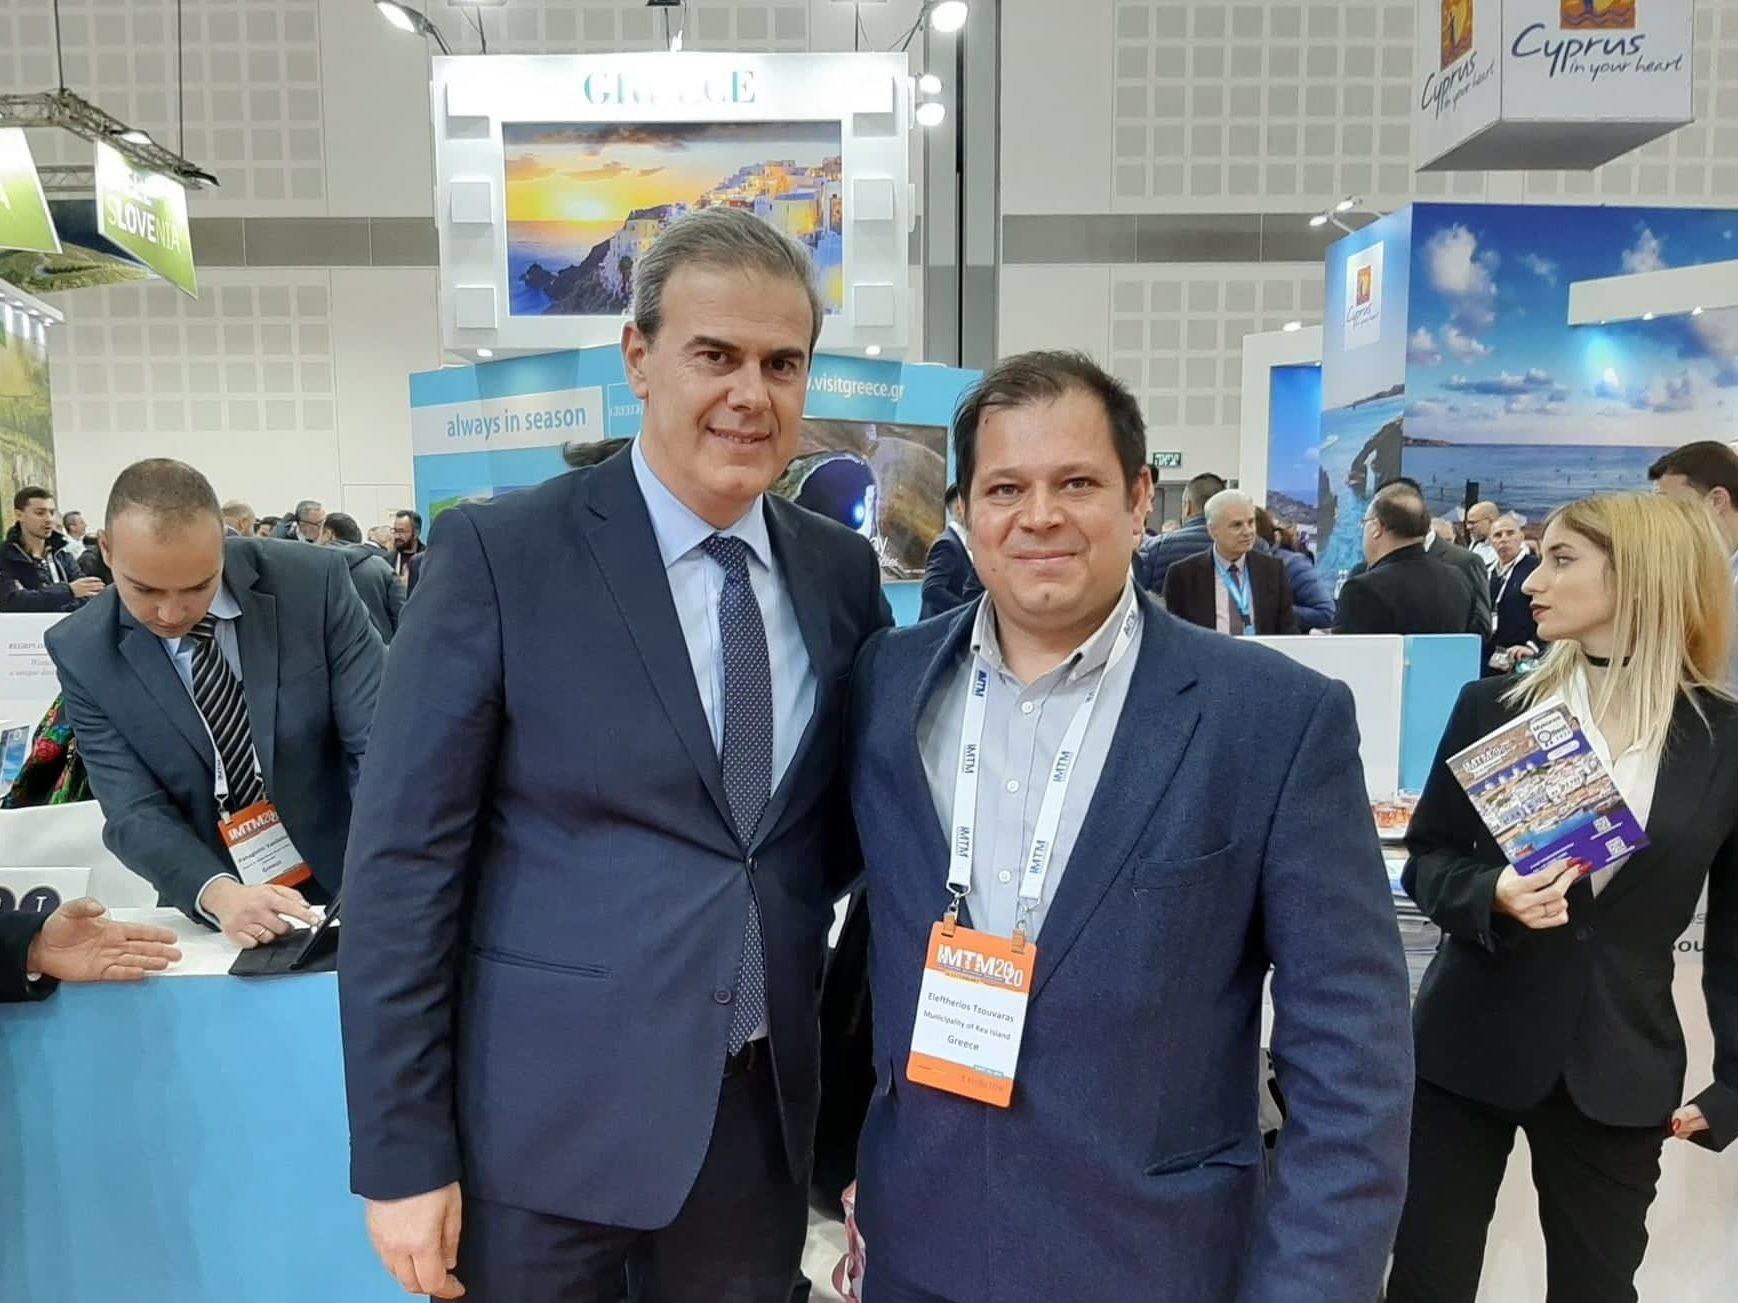 Ο Γενικός Γραμματέας του ΕΟΤ, κ. Δημήτρης Φραγκάκης, με τον Αντιδήμαρχο Κέας, κ. Ελευθέριο Τζουβάρα.